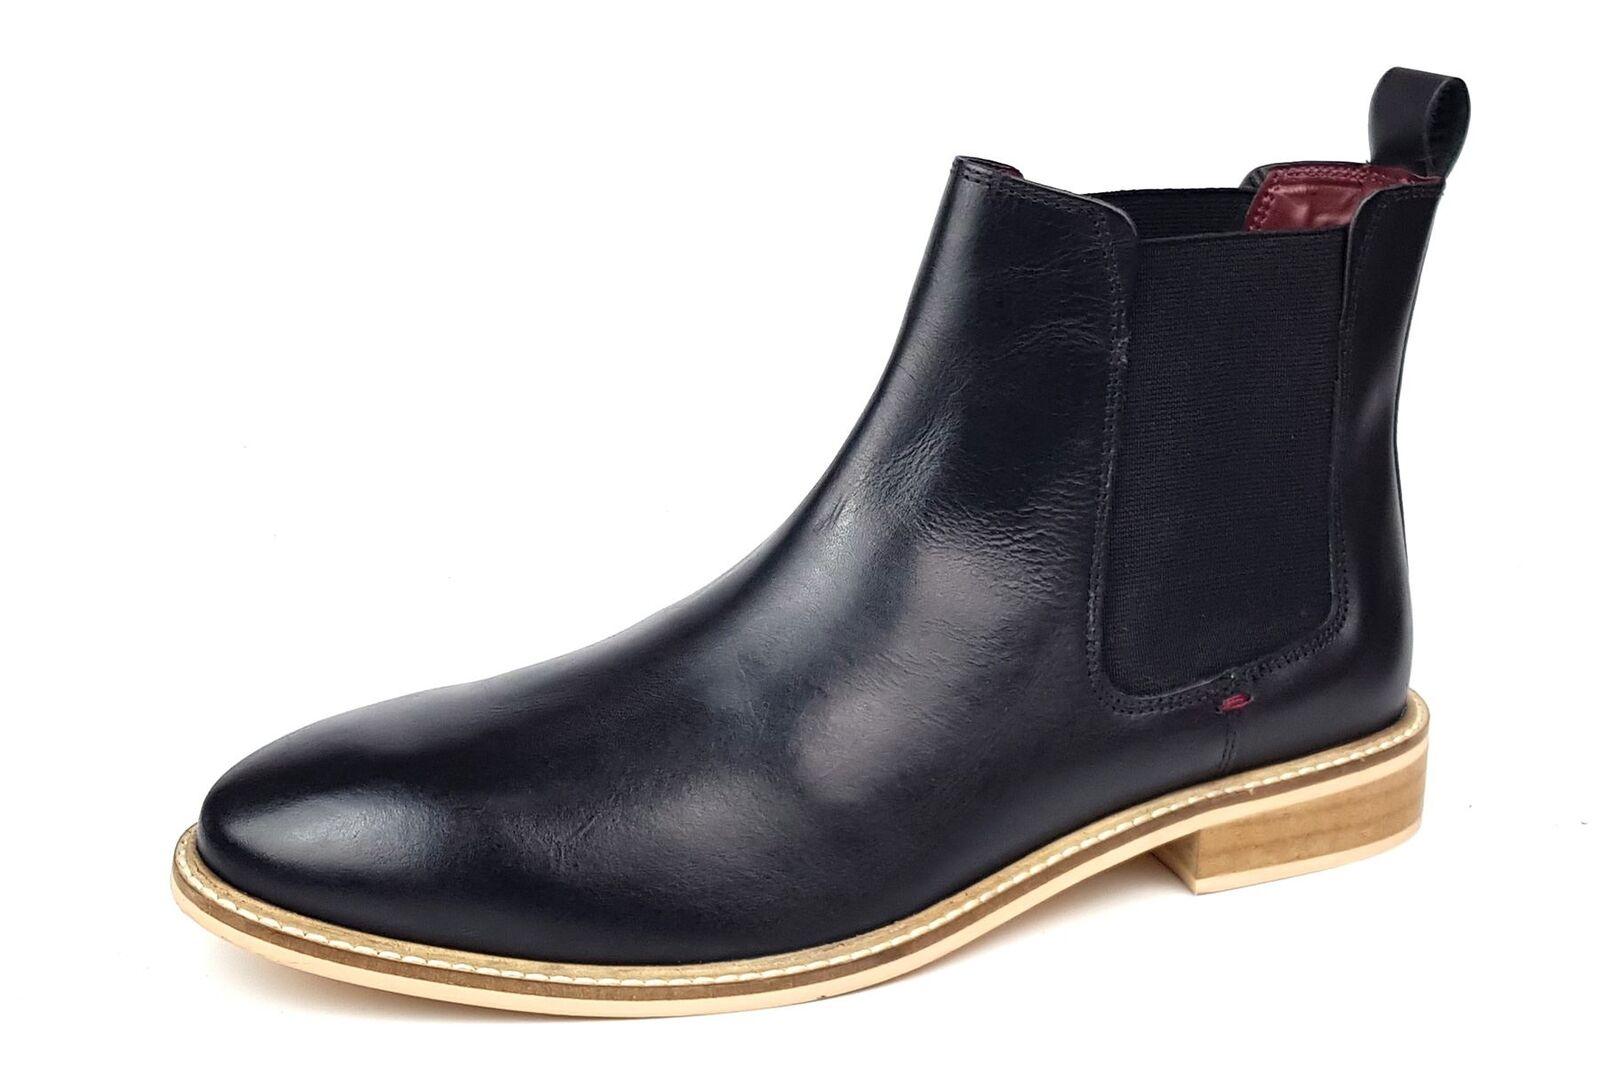 Frank James Bromley Leder Hineinschlüpfen Chelsea Stiefel black Größe 7 8 9 10